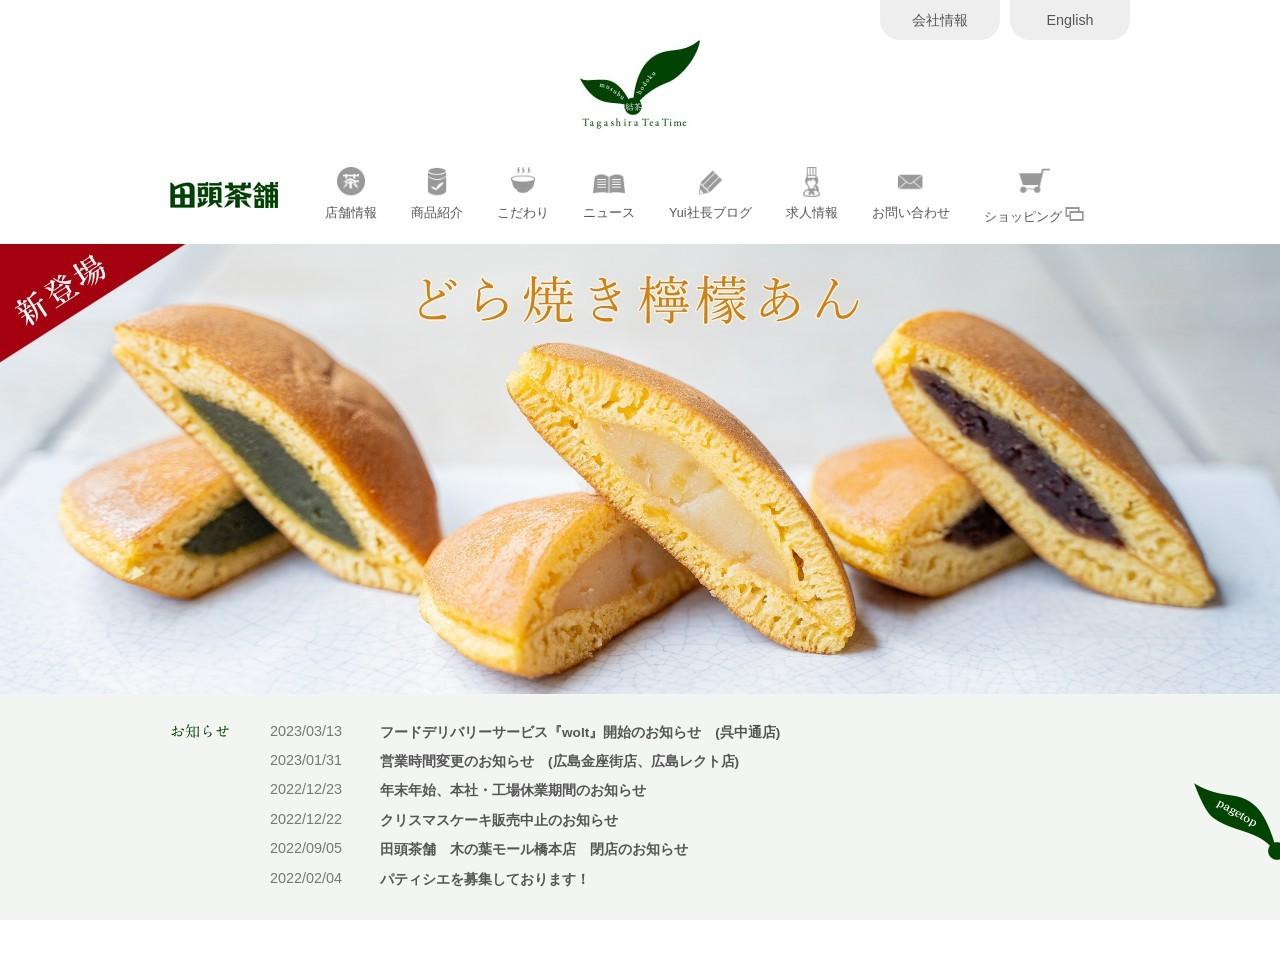 日本茶のティーバッグ、抹茶、スイーツ 【田頭茶店・田頭茶舗】